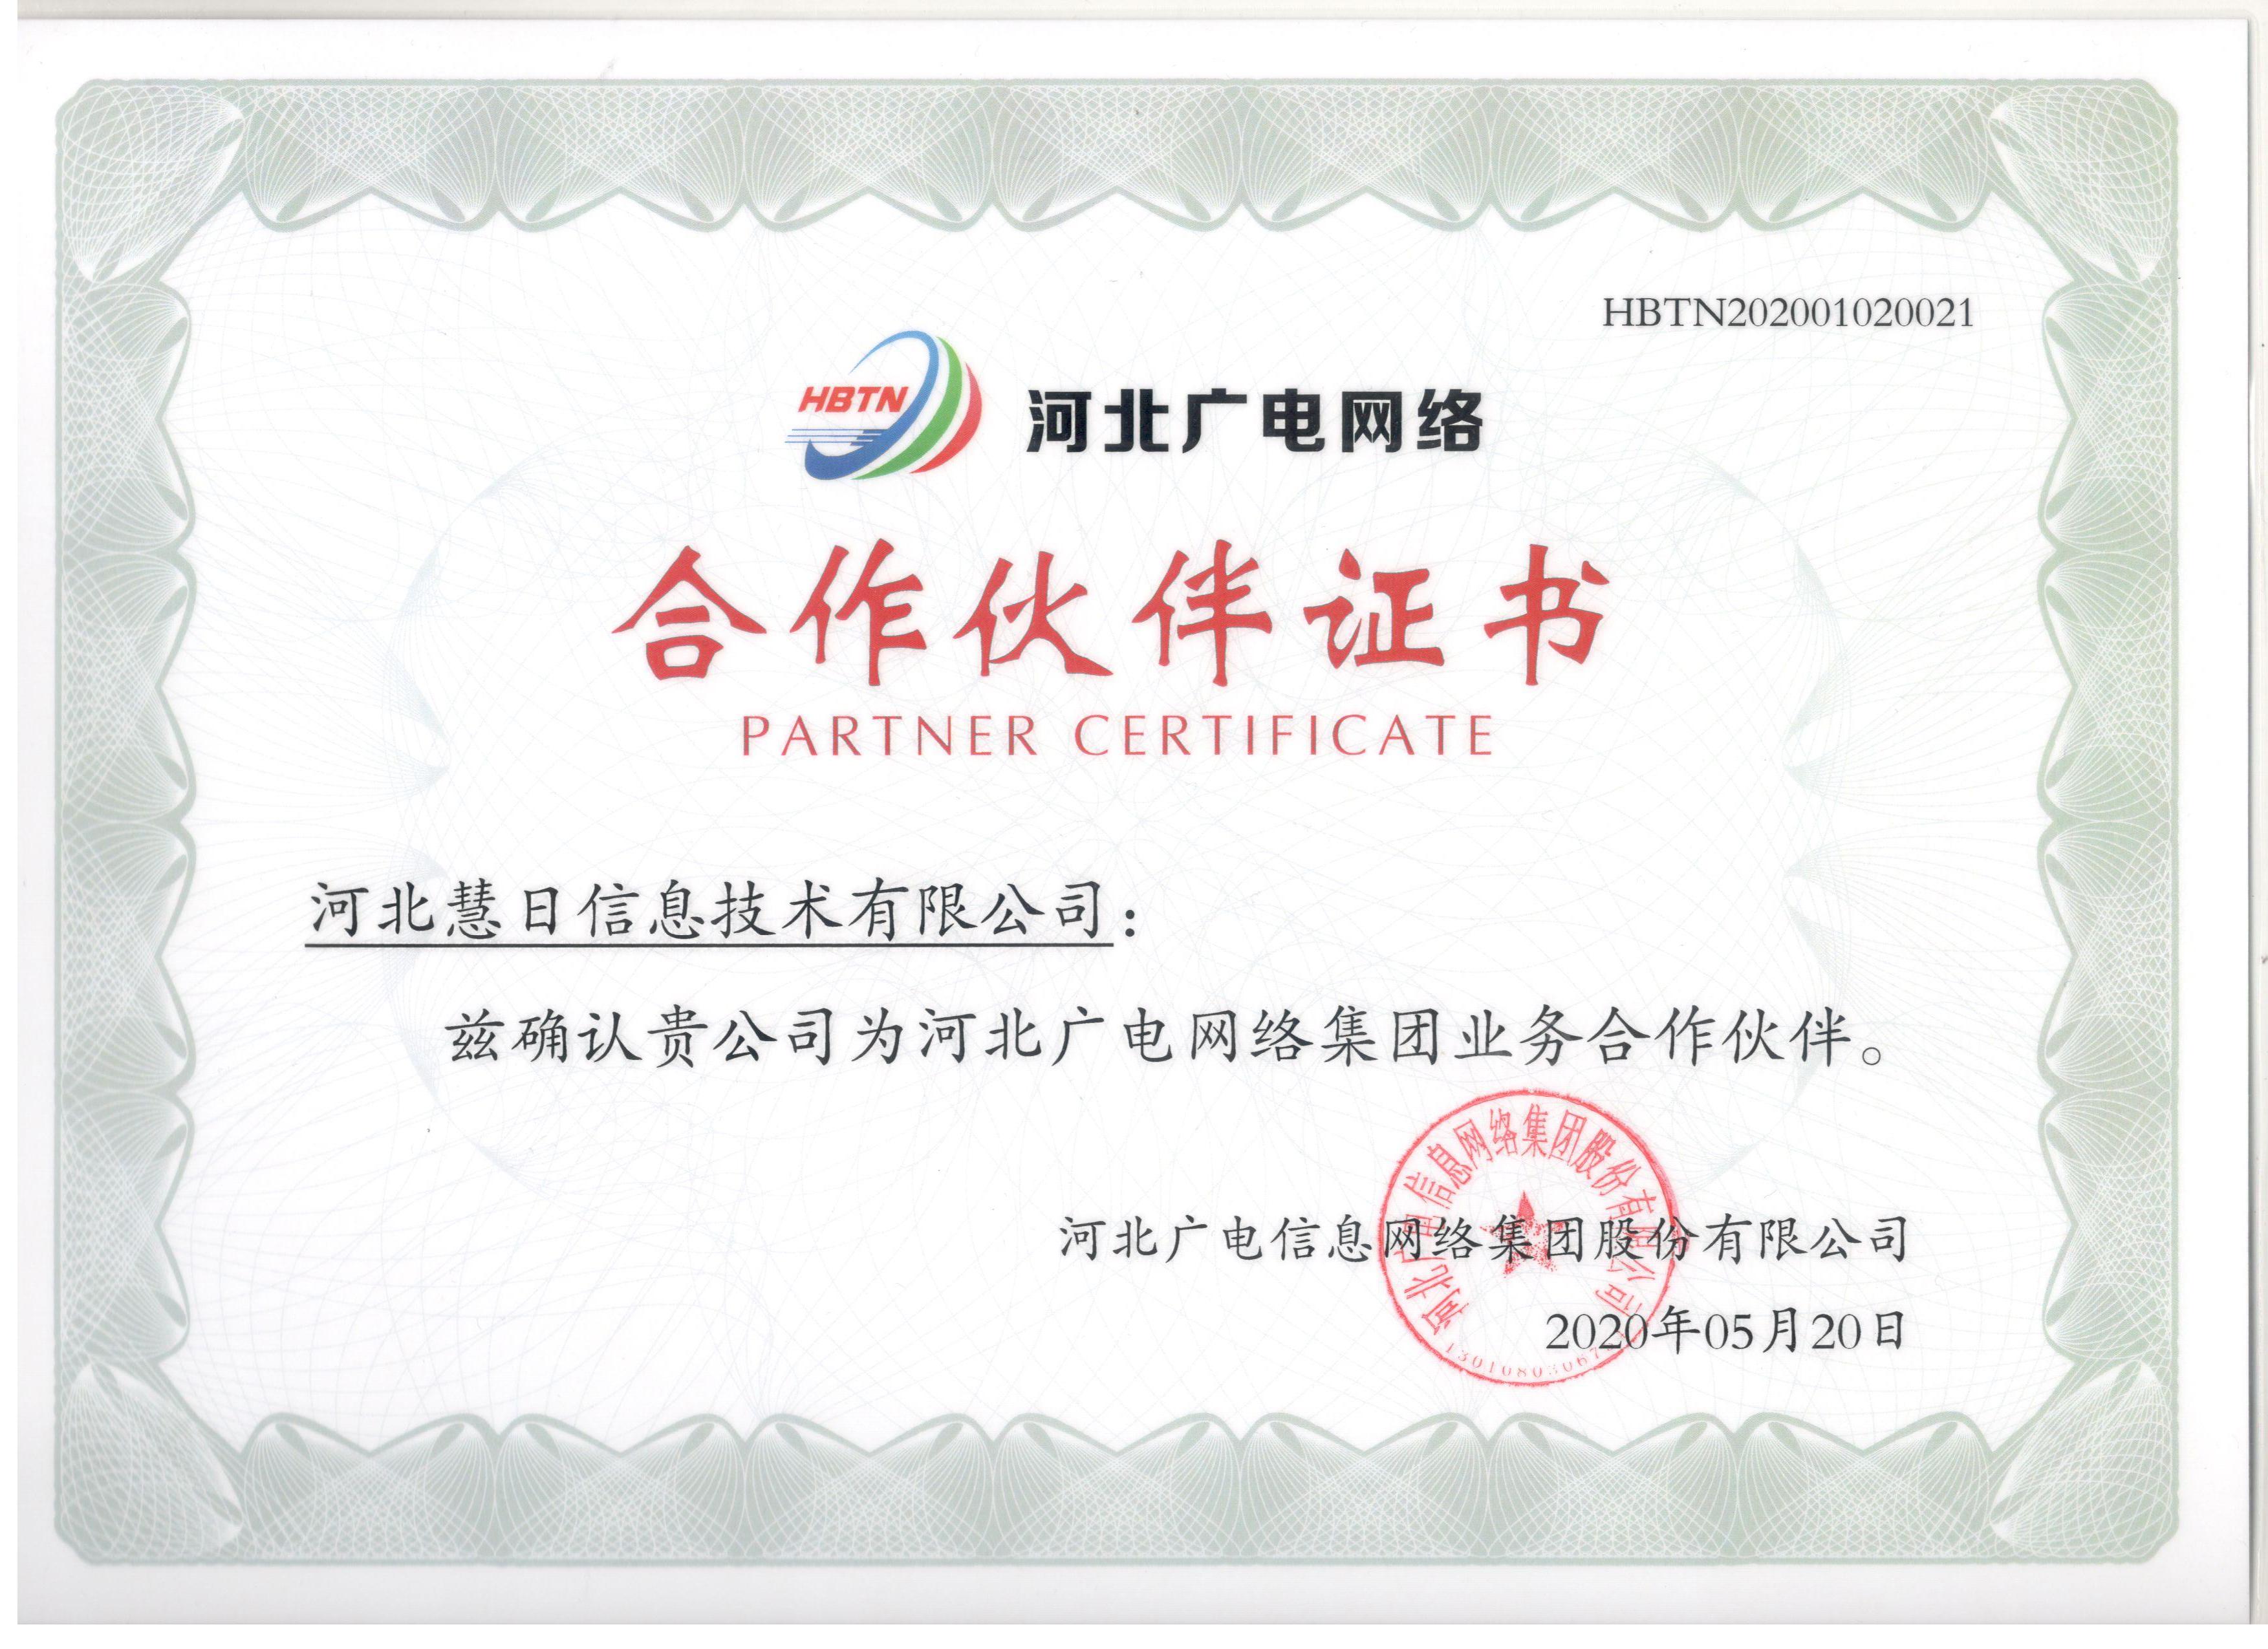 河北广电网络集团合作伙伴